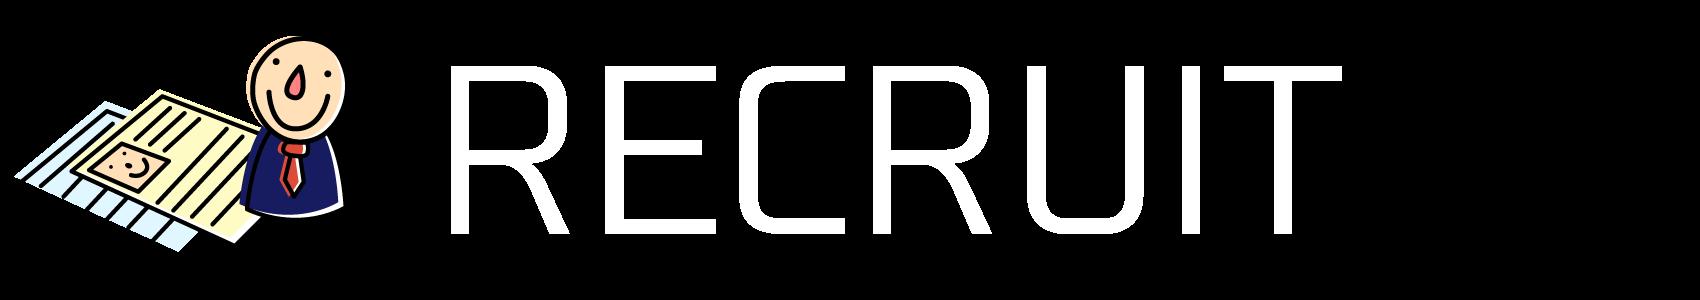 RECRUIT(求人募集)